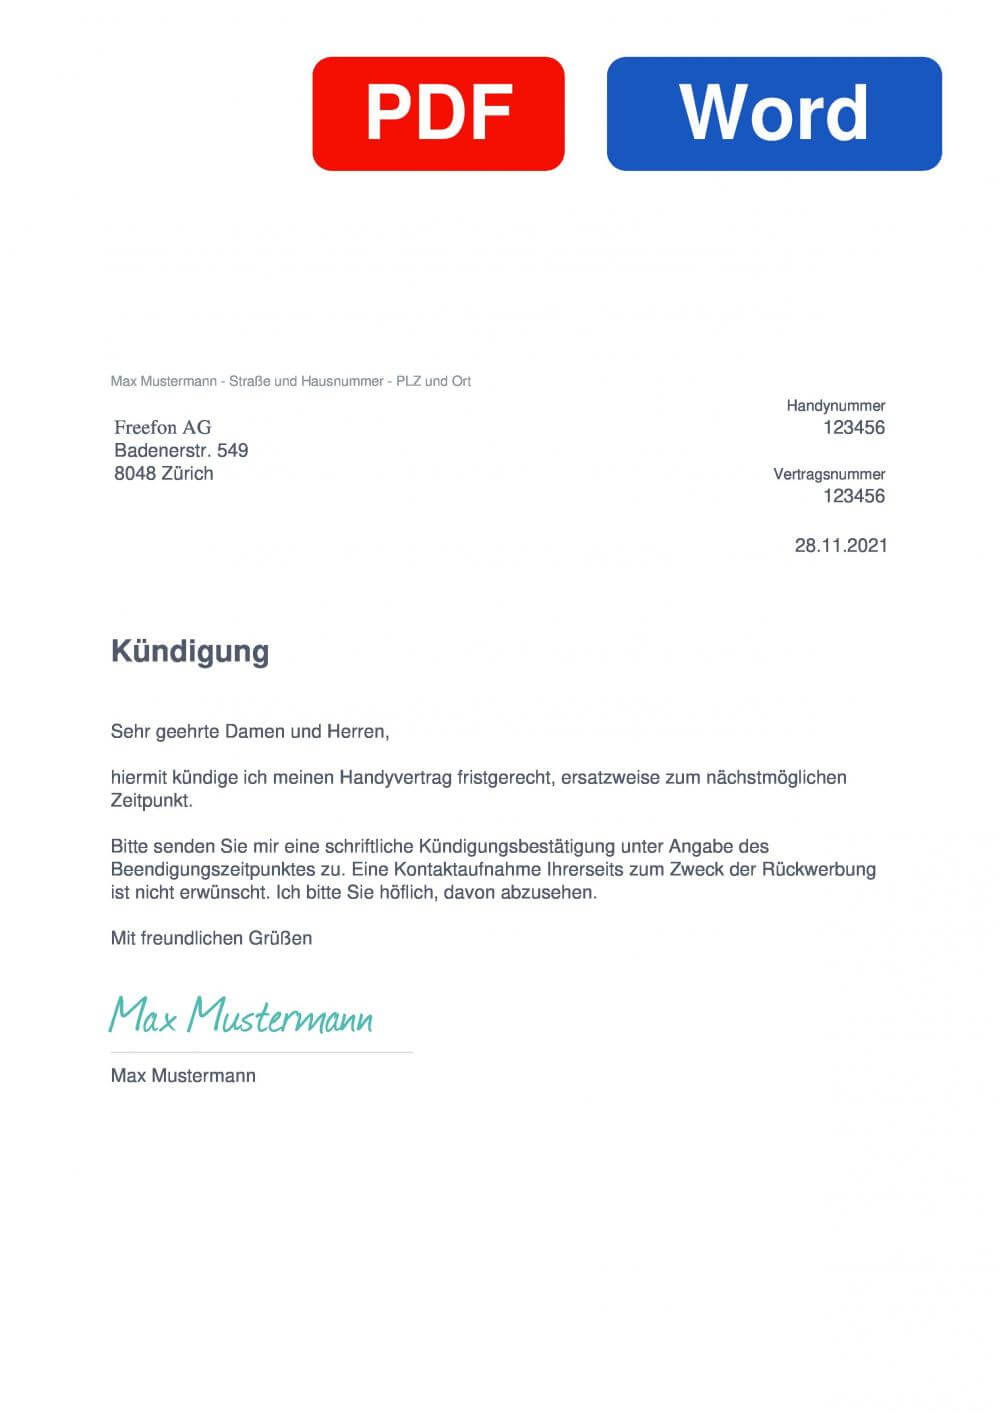 Freefon Muster Vorlage für Kündigungsschreiben